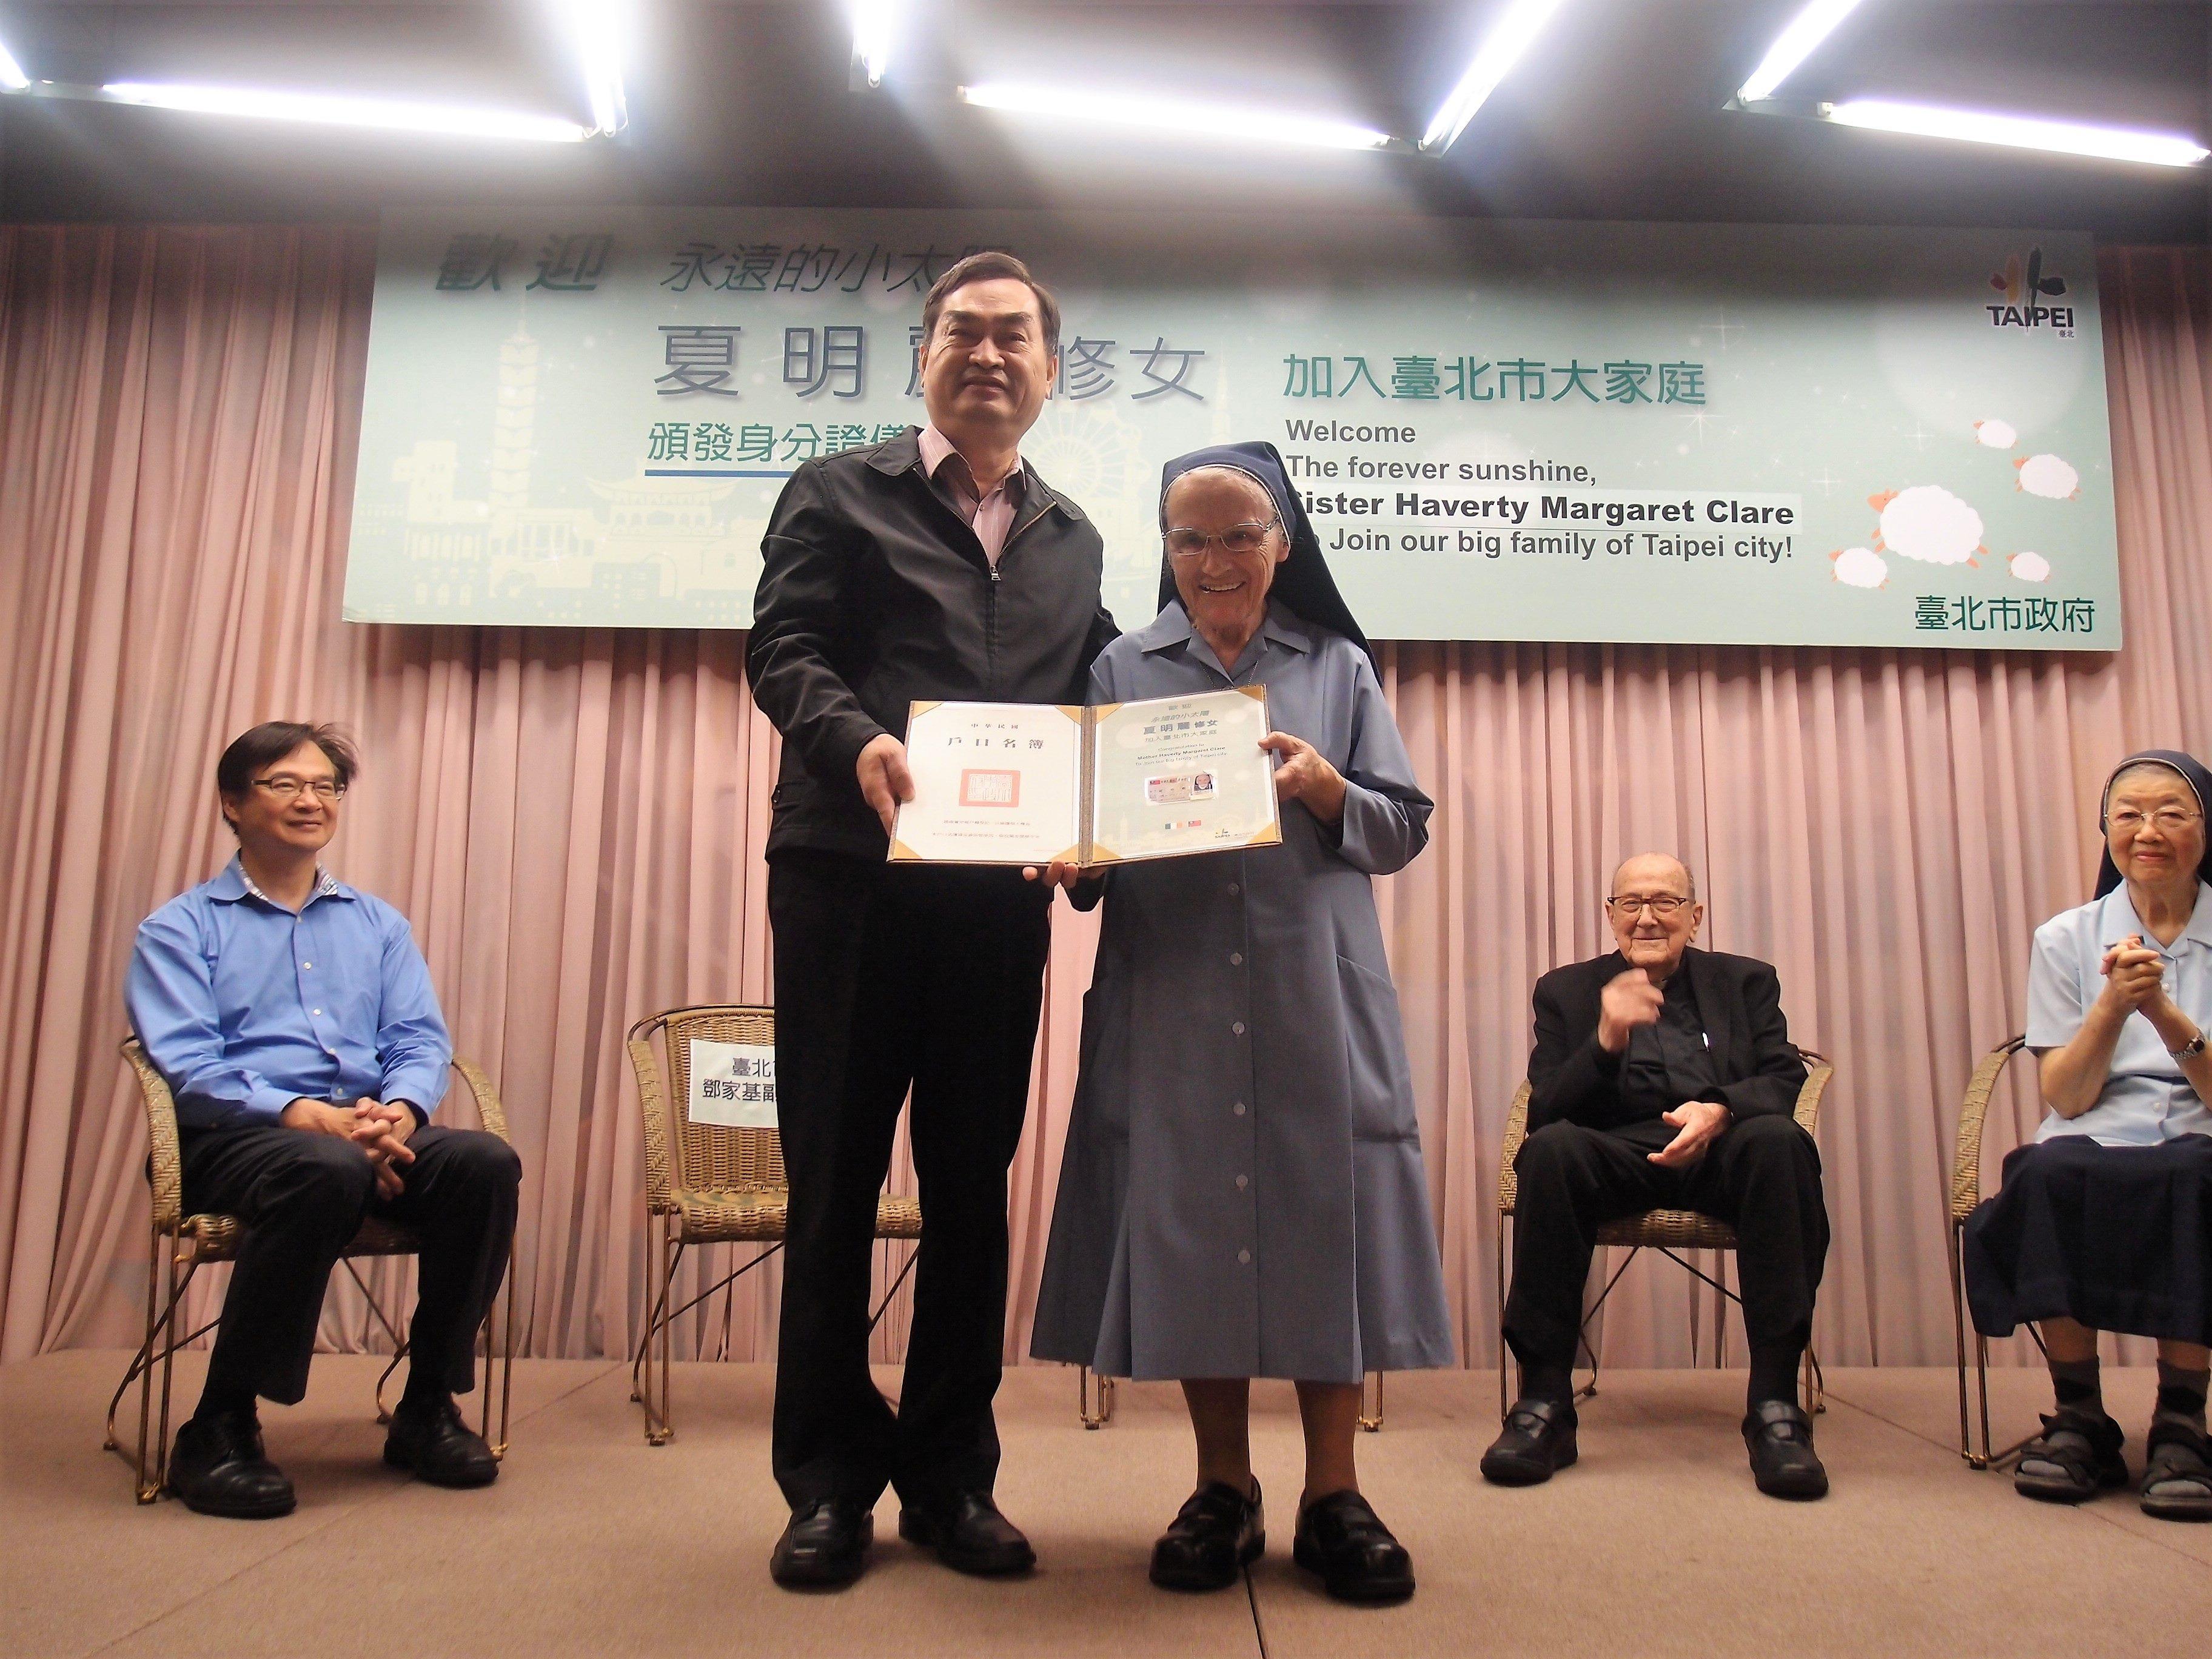 Ông Đặng phó thị trưởng thành phố Đài Bắc phát giấy chứng minh nhân dân và sổ hộ tịch